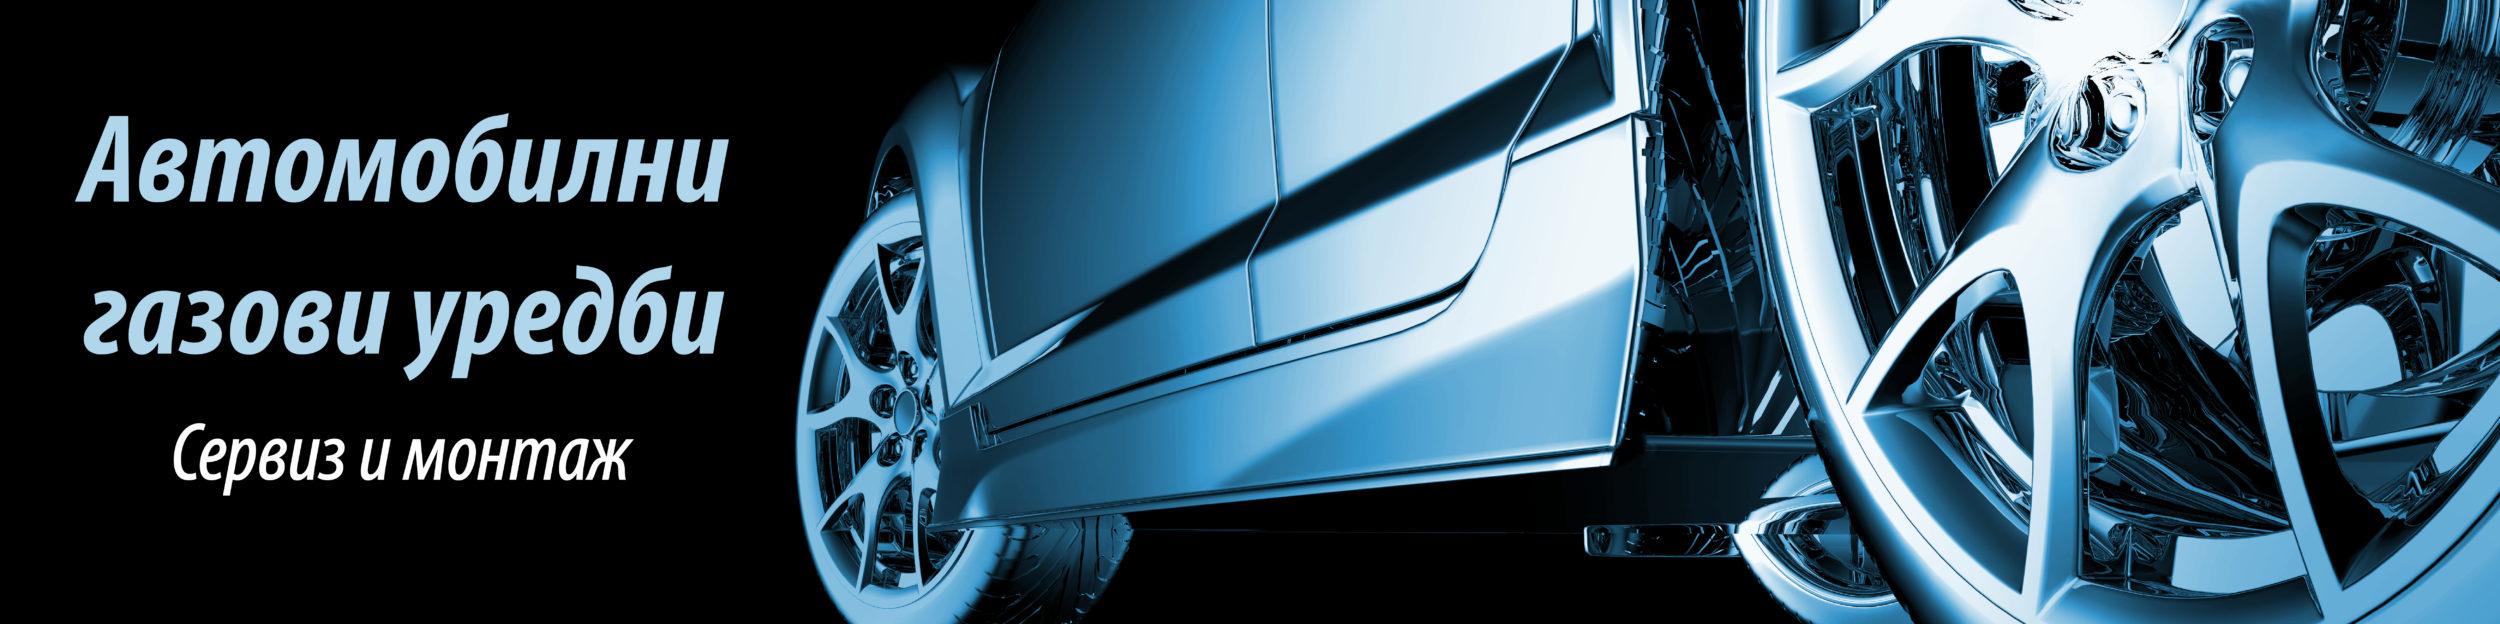 Автомобилни Газови Уредби